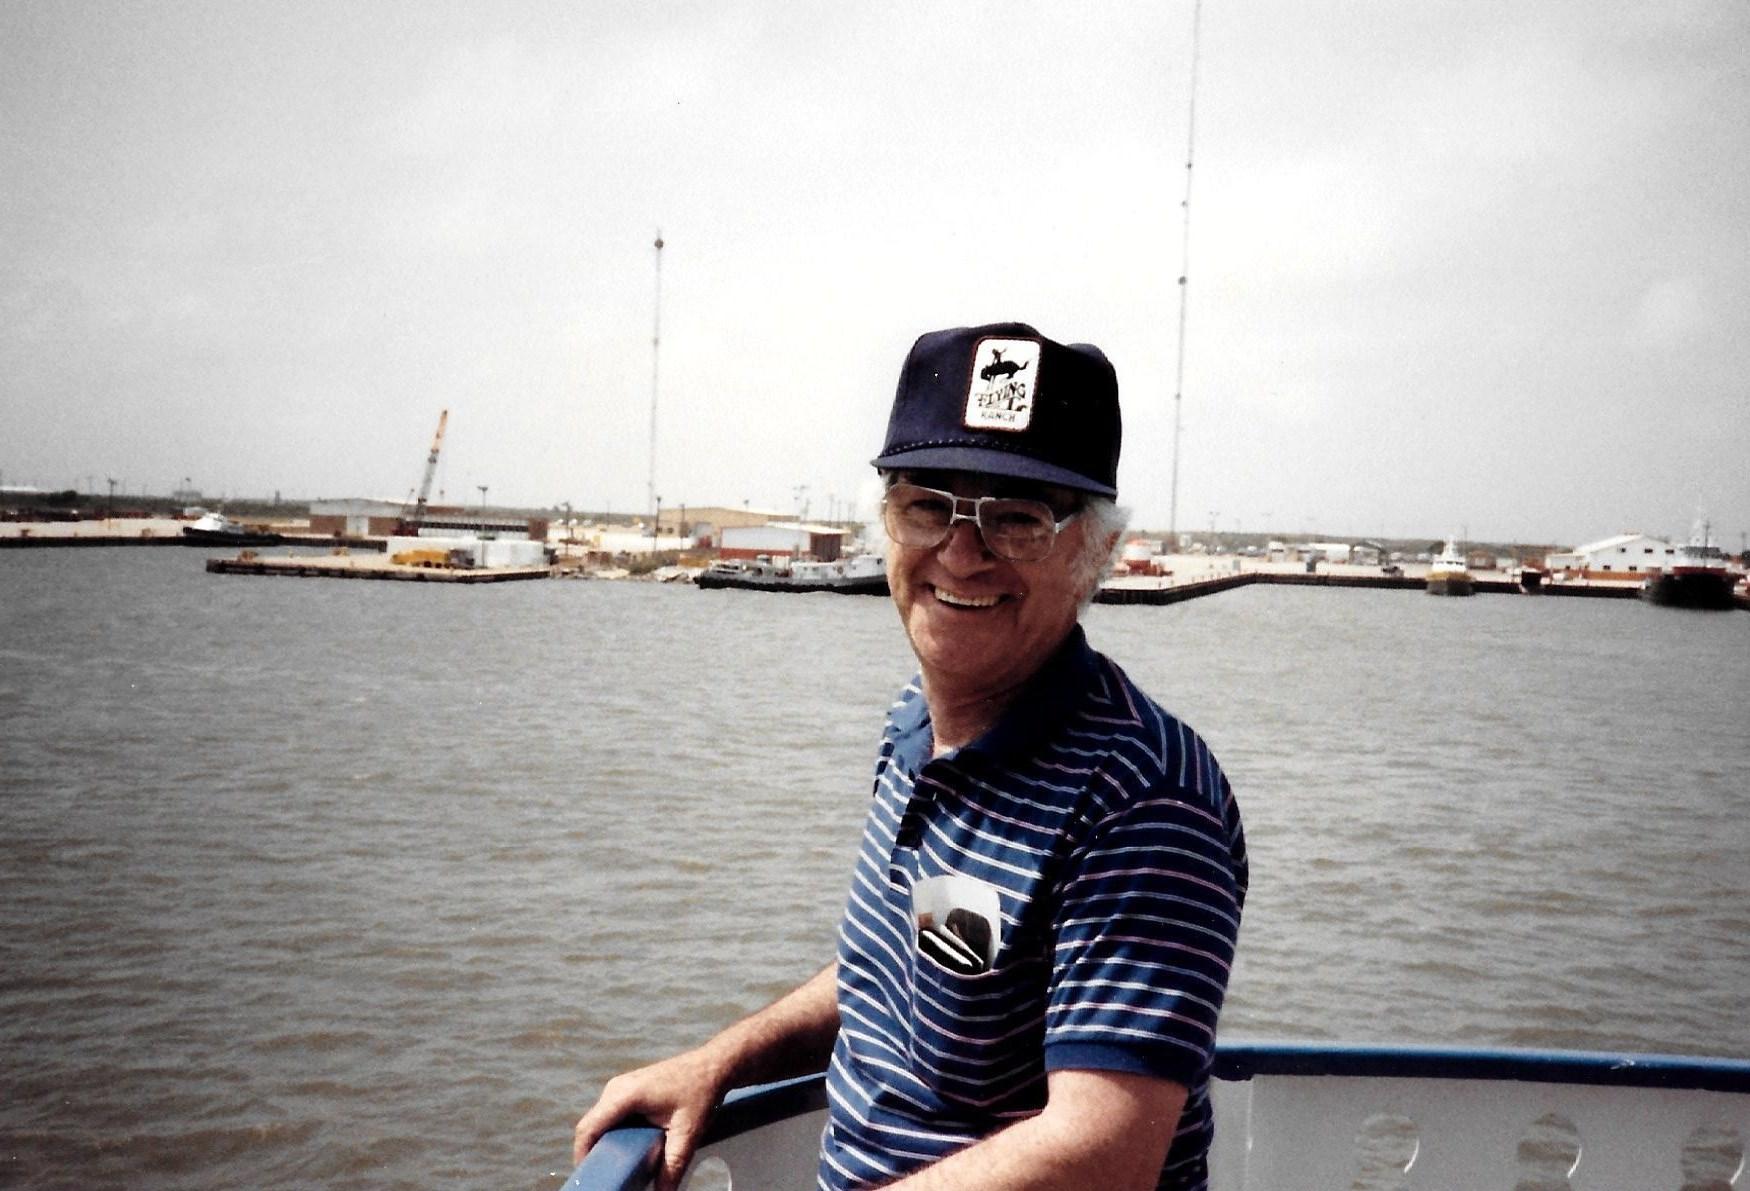 Mearl Joseph Barilleaux Obituary - New Braunfels, TX